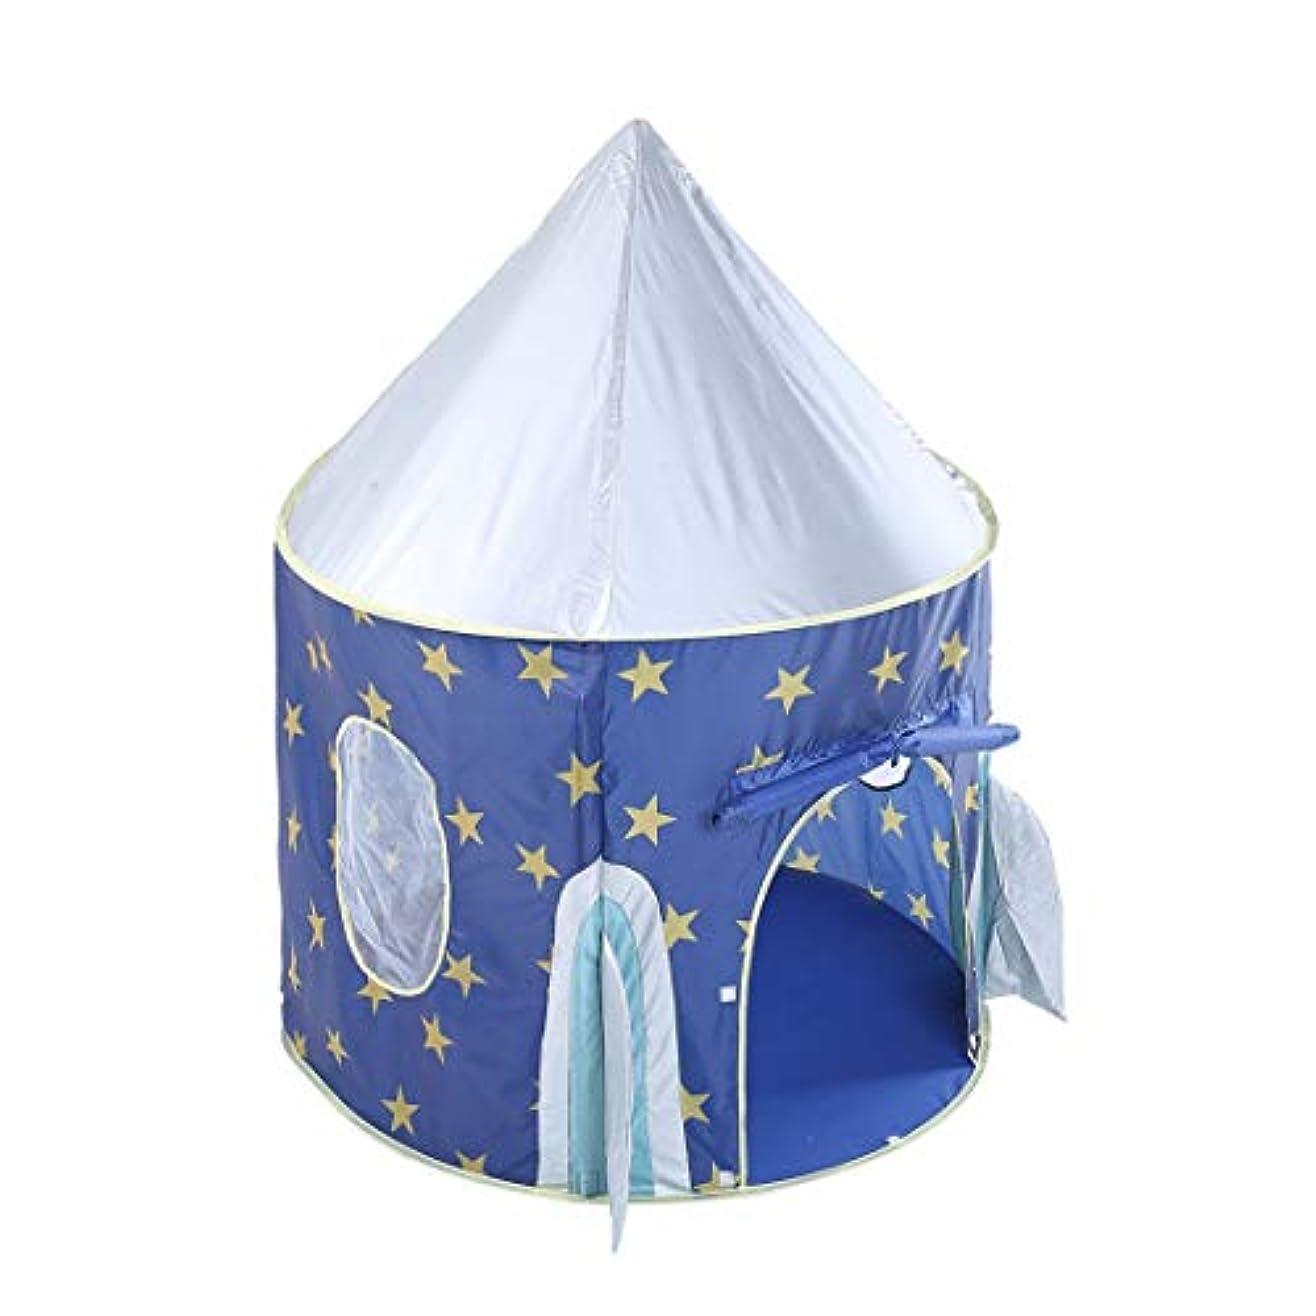 雑多な圧縮冷酷なKAKACITY スタープリント子供たちテント小さなミニサイズの子供屋内屋外ヤードシーサイドガーデンプレイハウス (色 : 青)